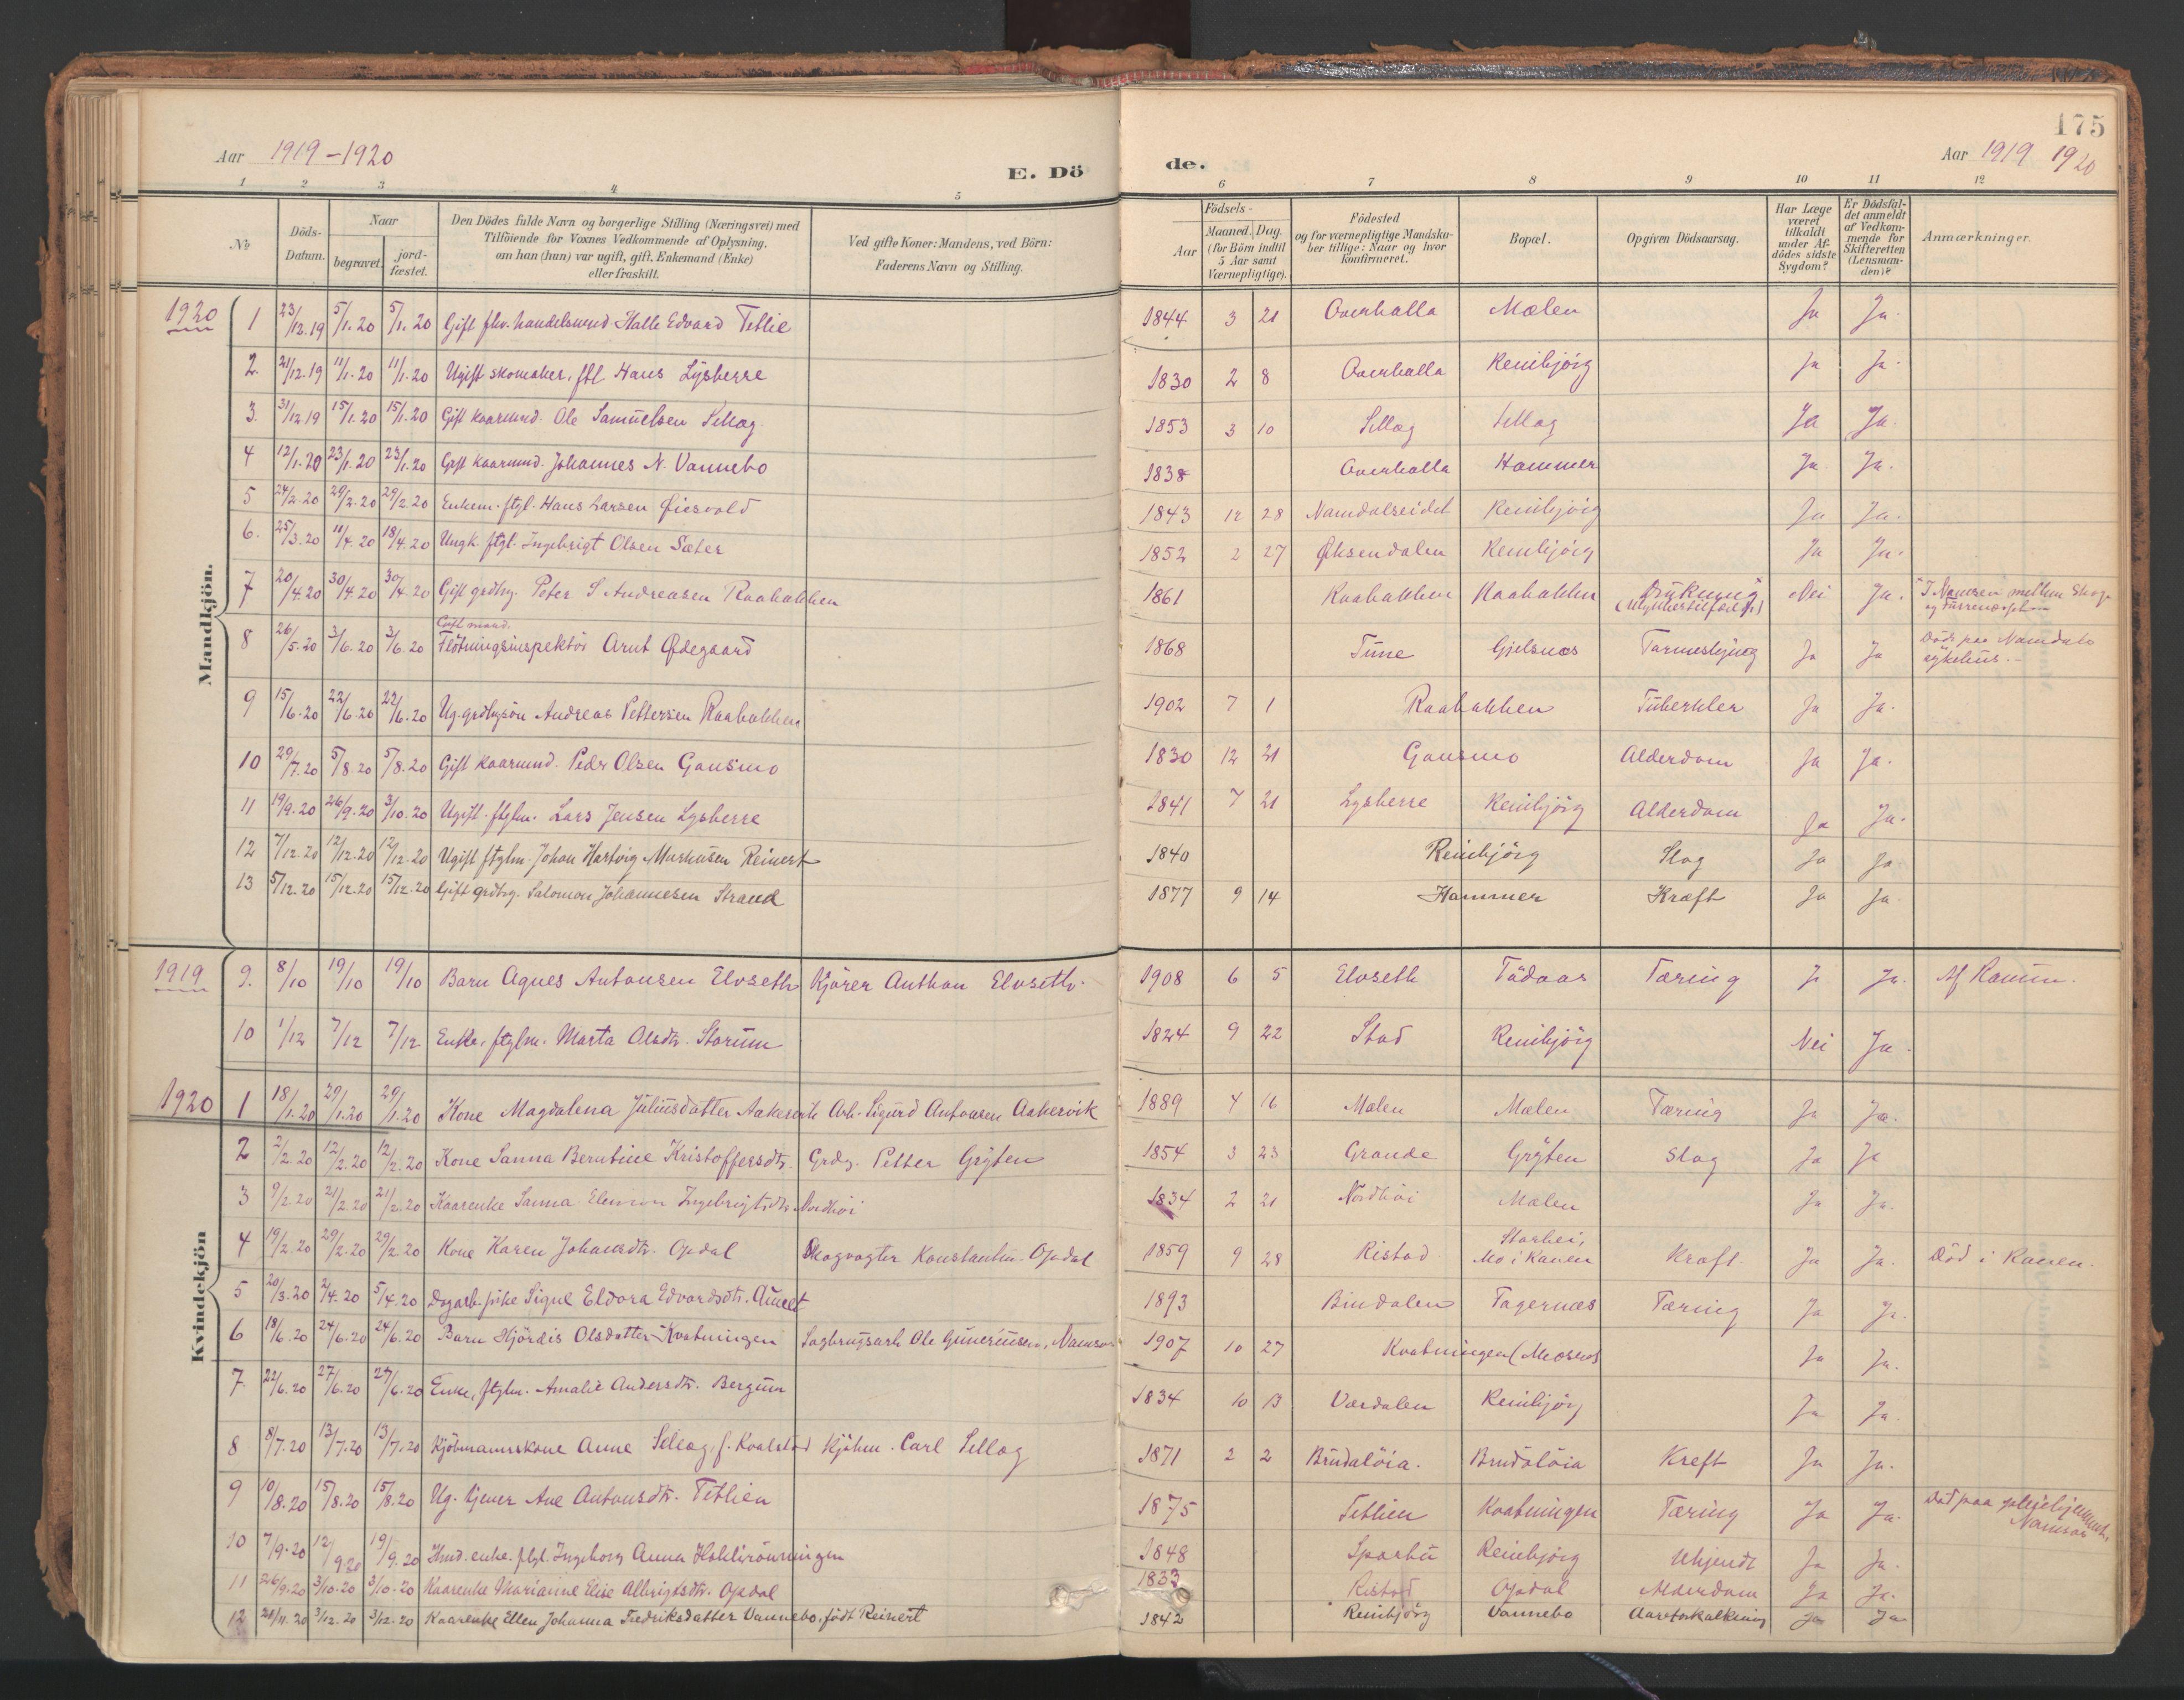 SAT, Ministerialprotokoller, klokkerbøker og fødselsregistre - Nord-Trøndelag, 766/L0564: Ministerialbok nr. 767A02, 1900-1932, s. 175